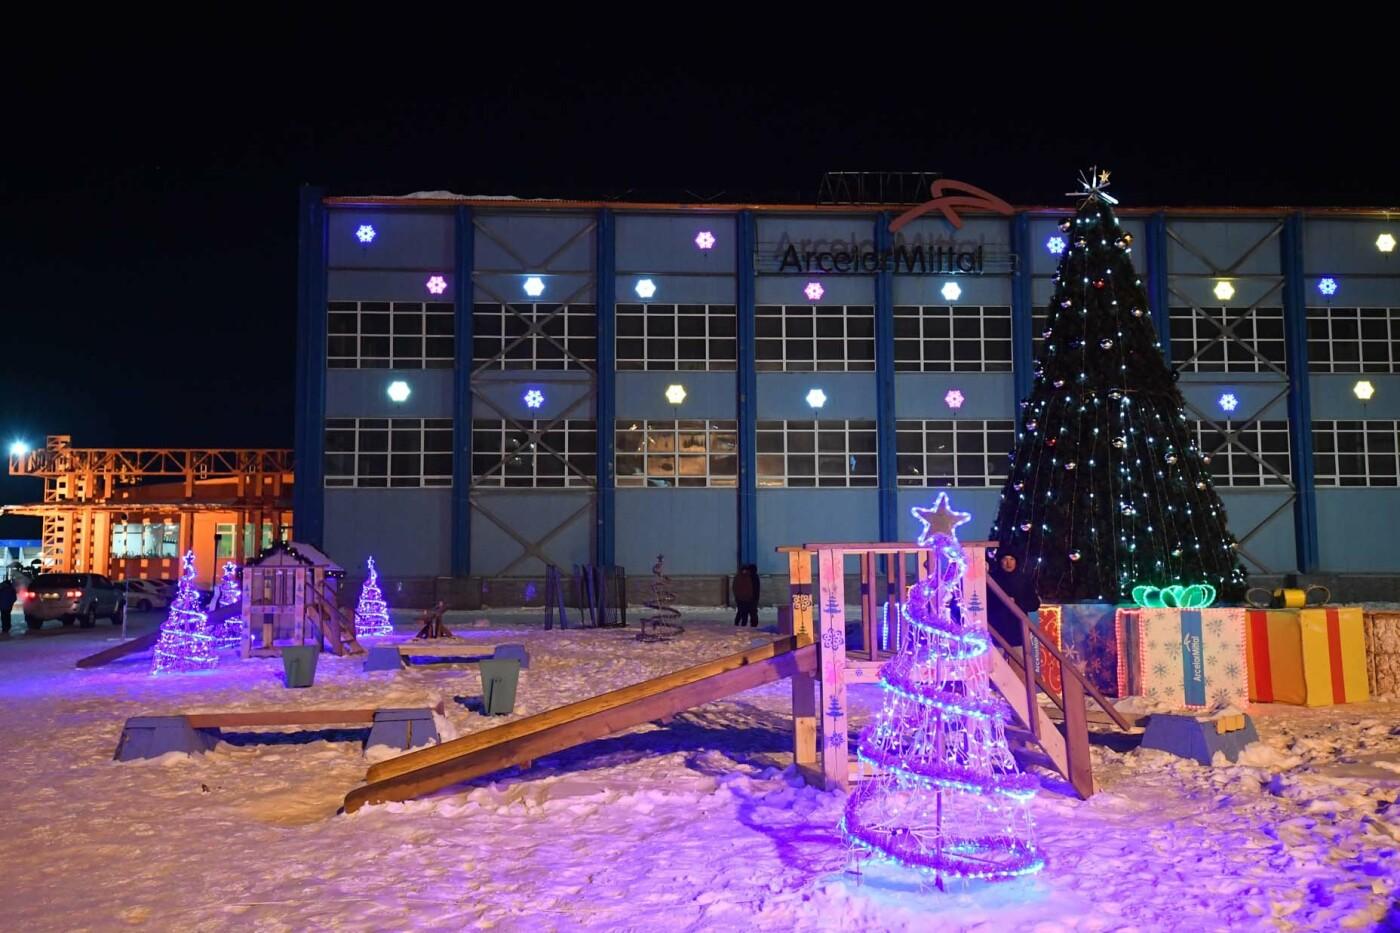 красивое оформление доставило удовольствие авторам, фото пресс-службы акимата Карагандинской области